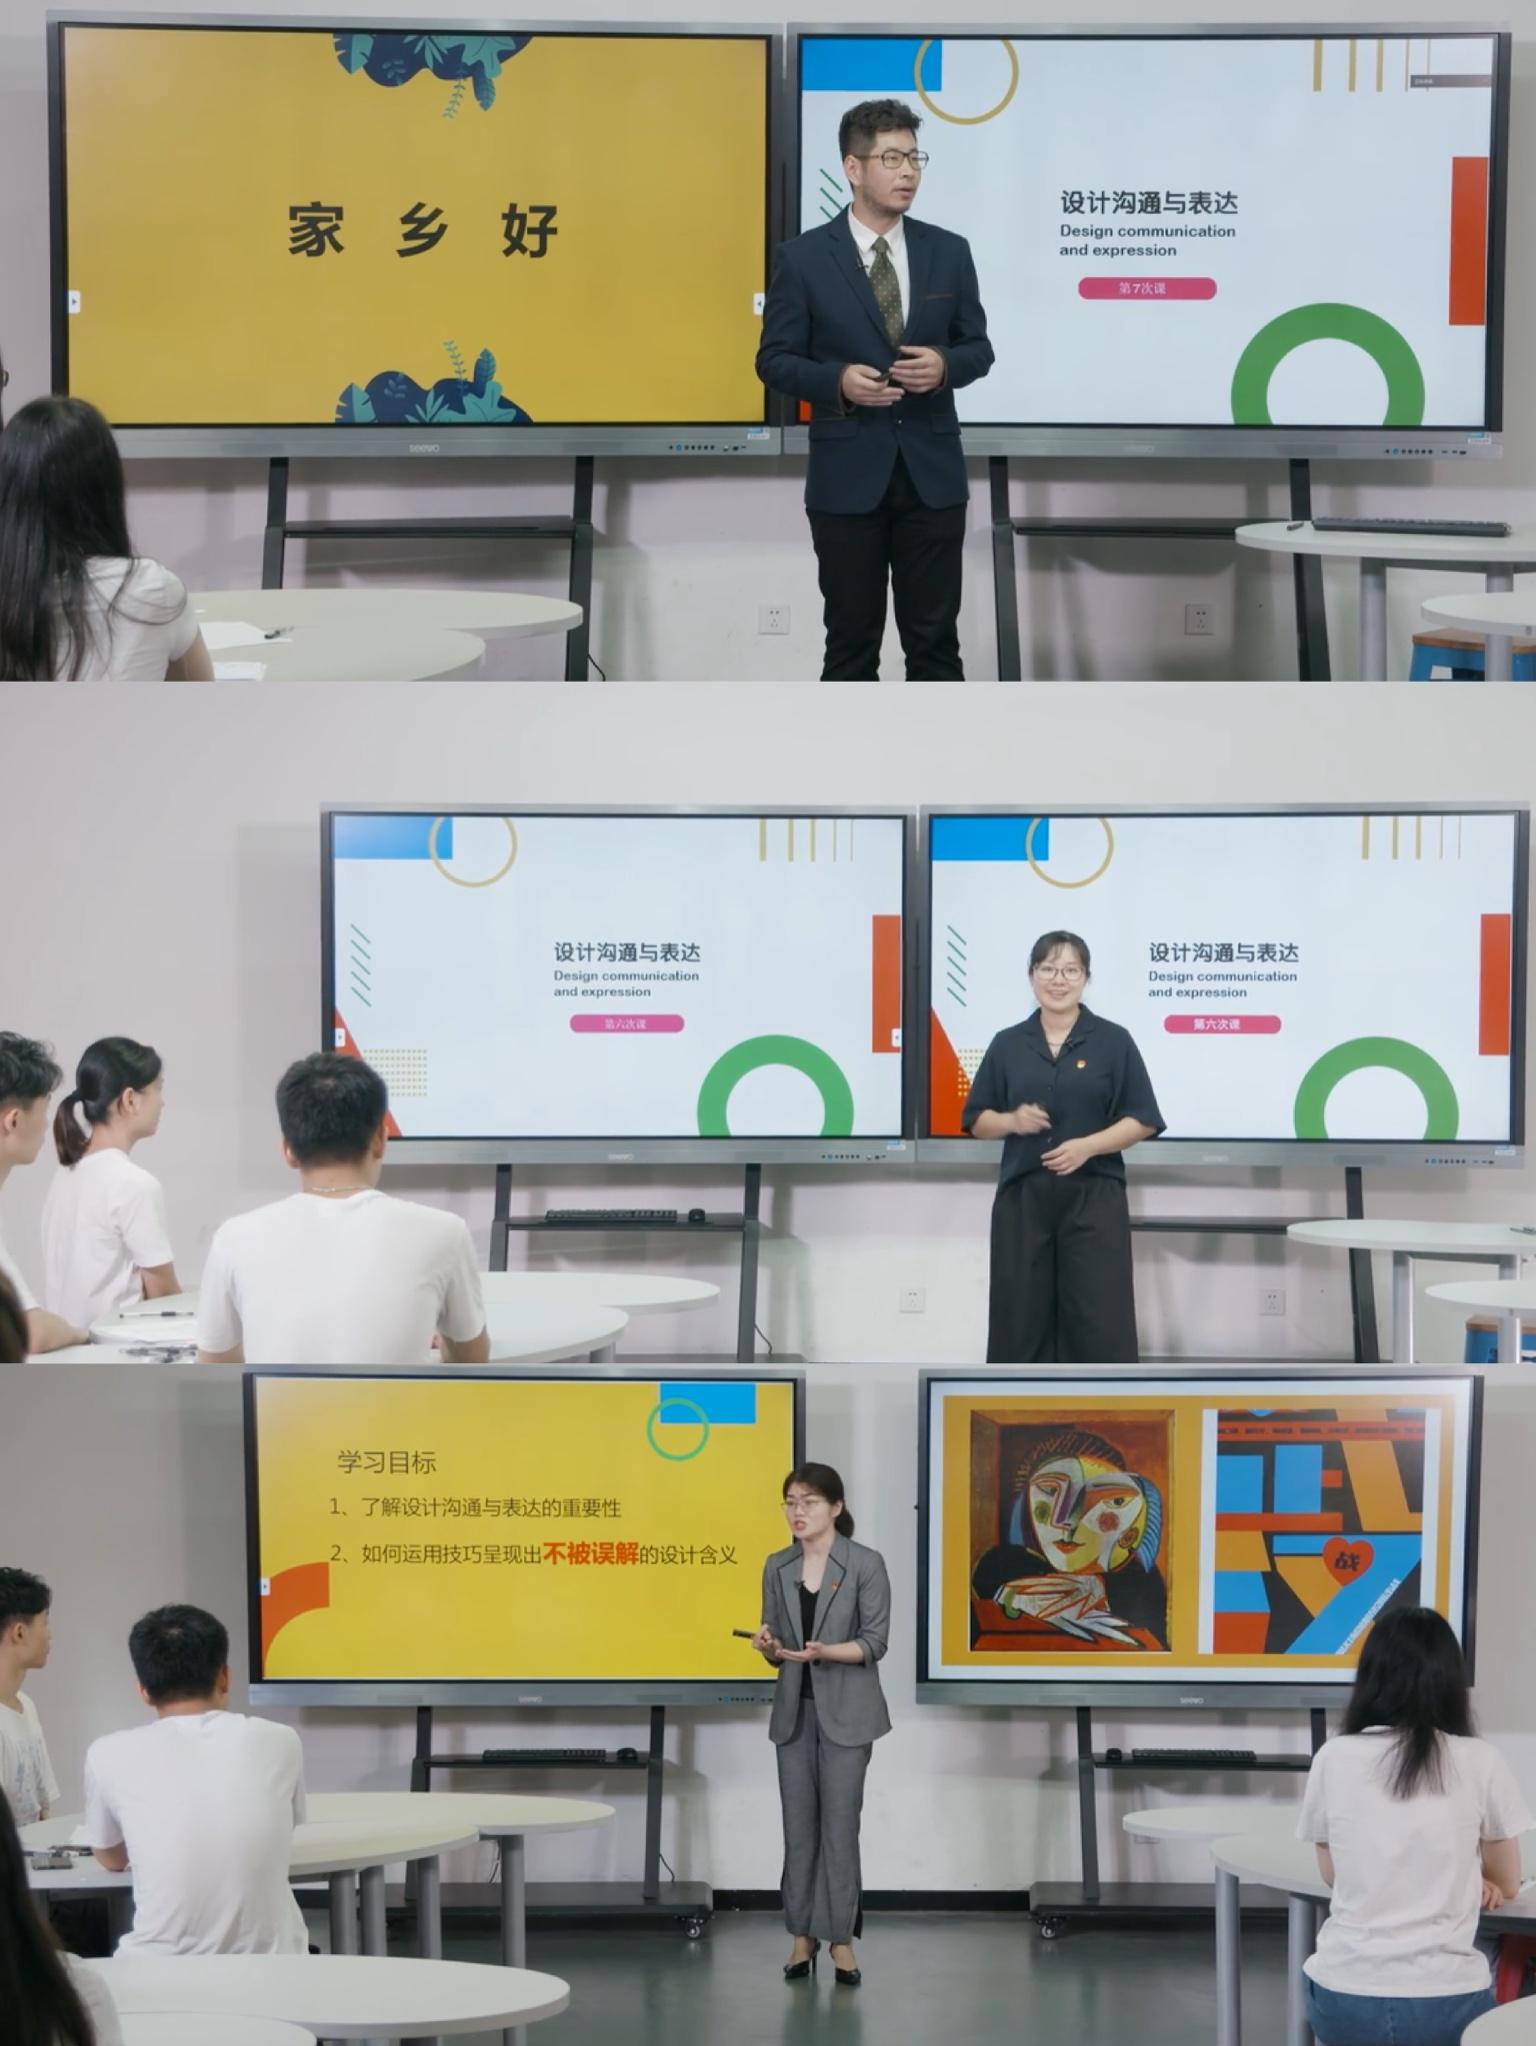 藝術設計學院教師團隊在全國職業院校藝術設計類專業教學能力大賽中榮獲兩項三等獎